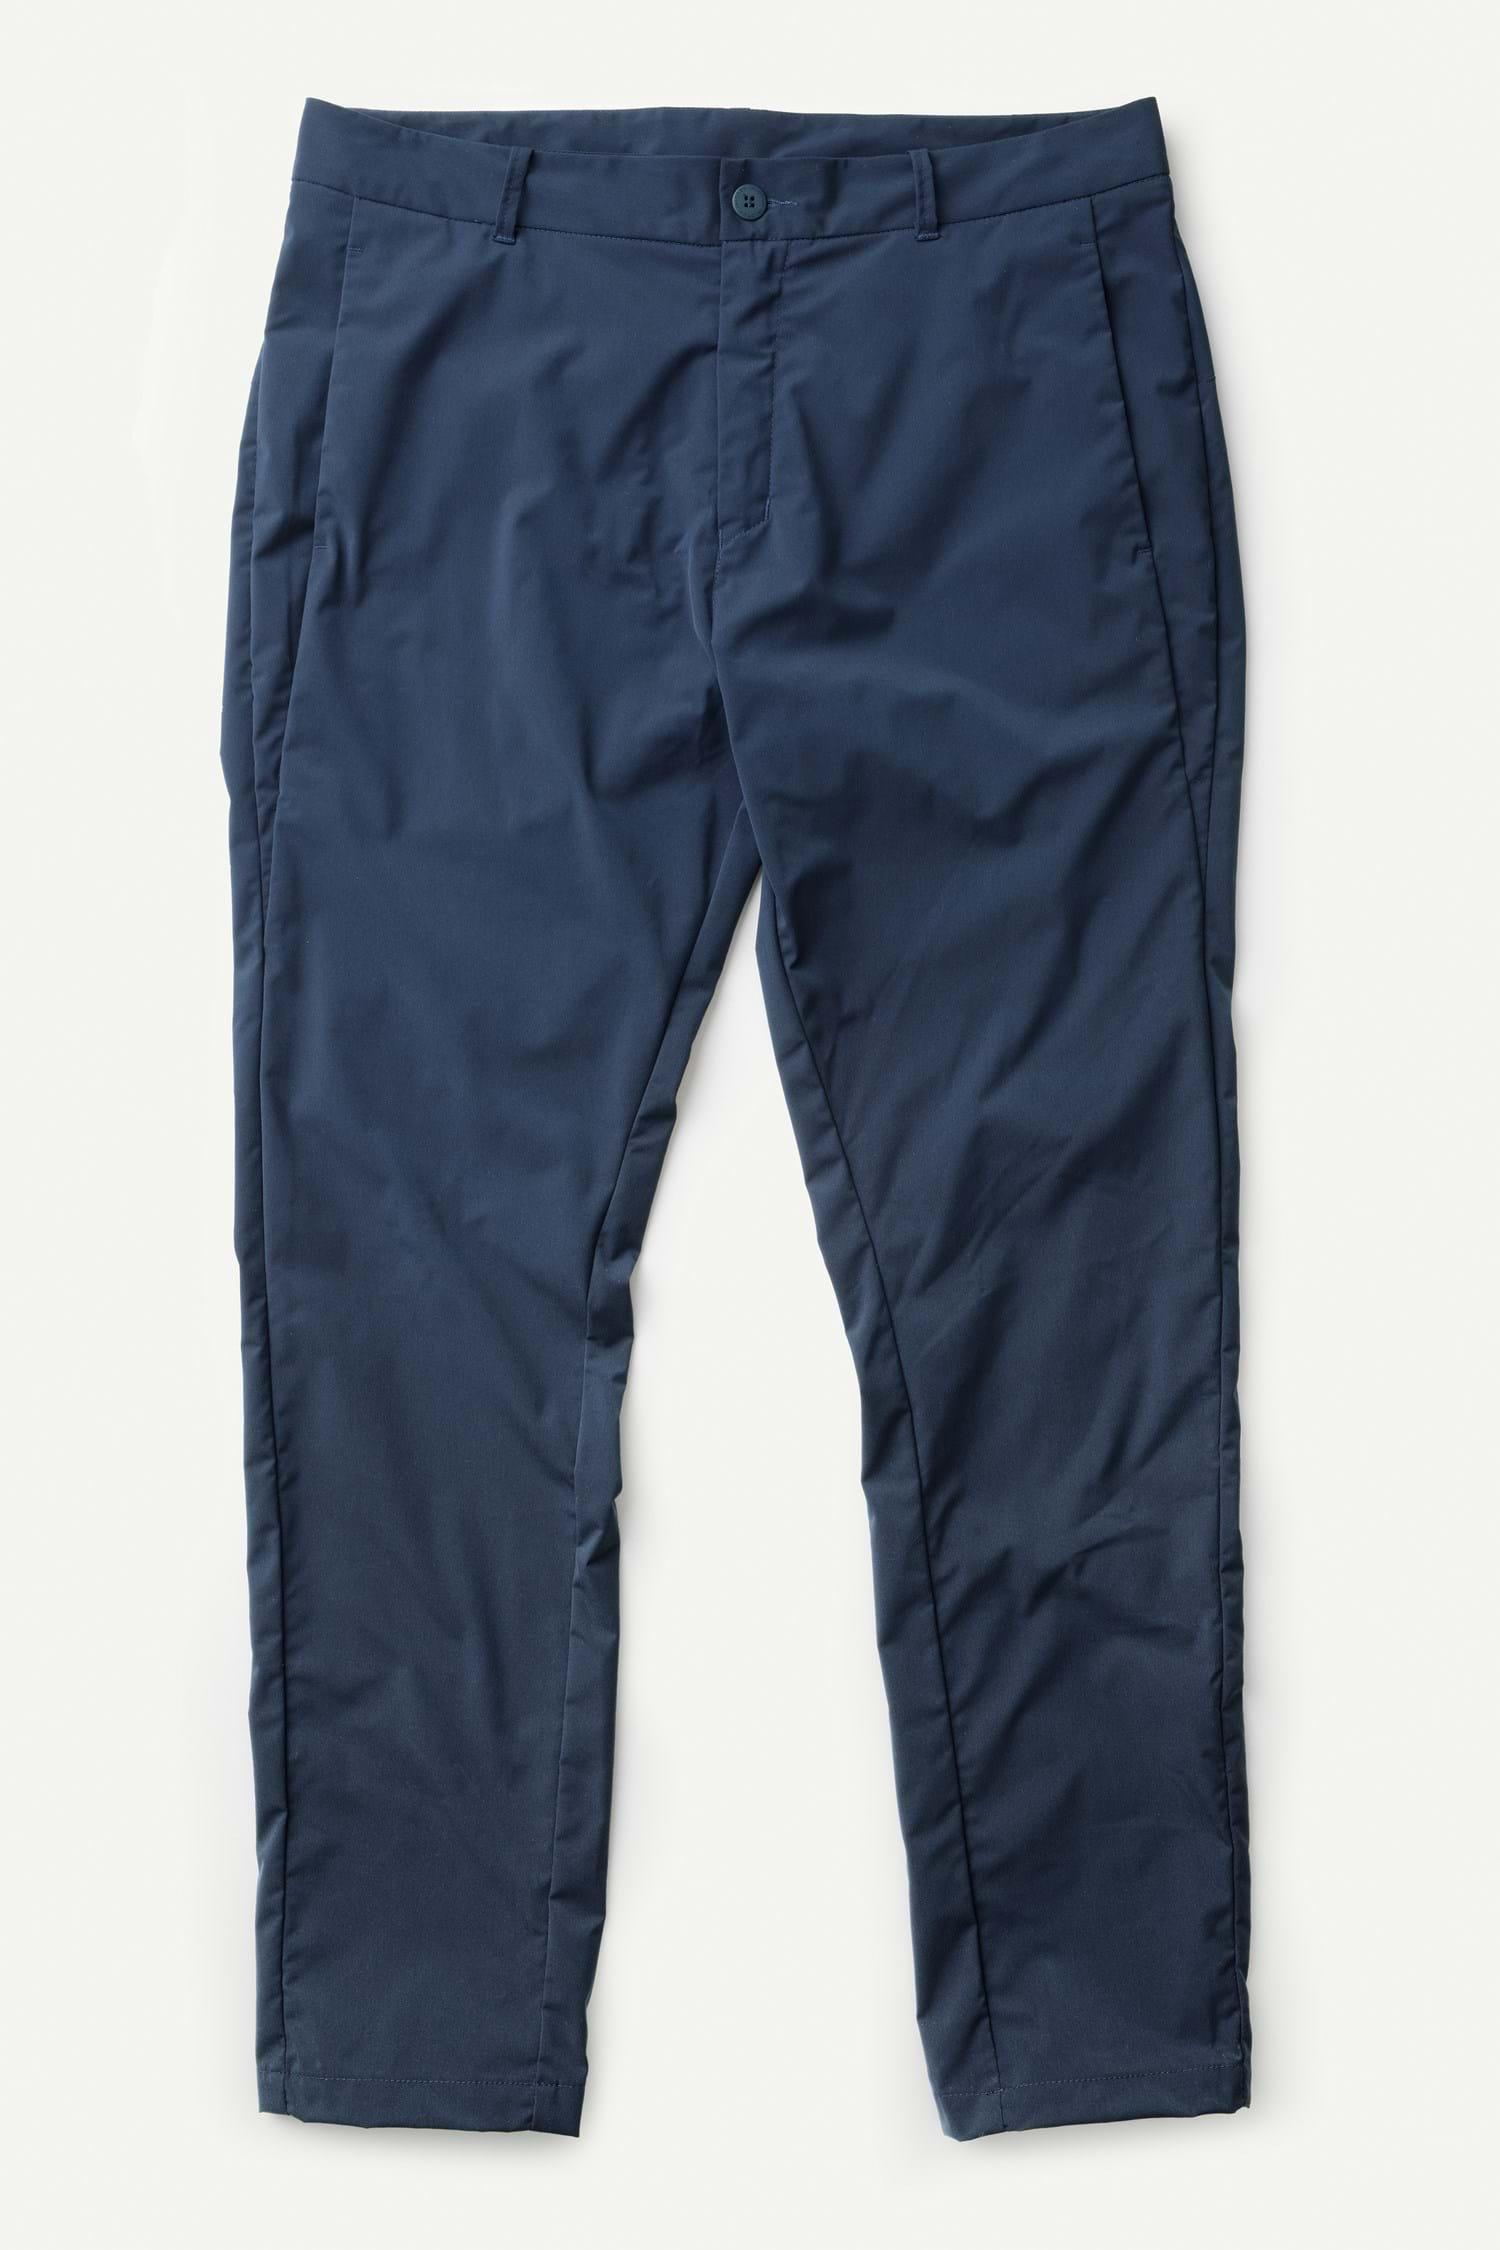 cf4e4e1e M's Commitment Chinos   Houdini Sportswear